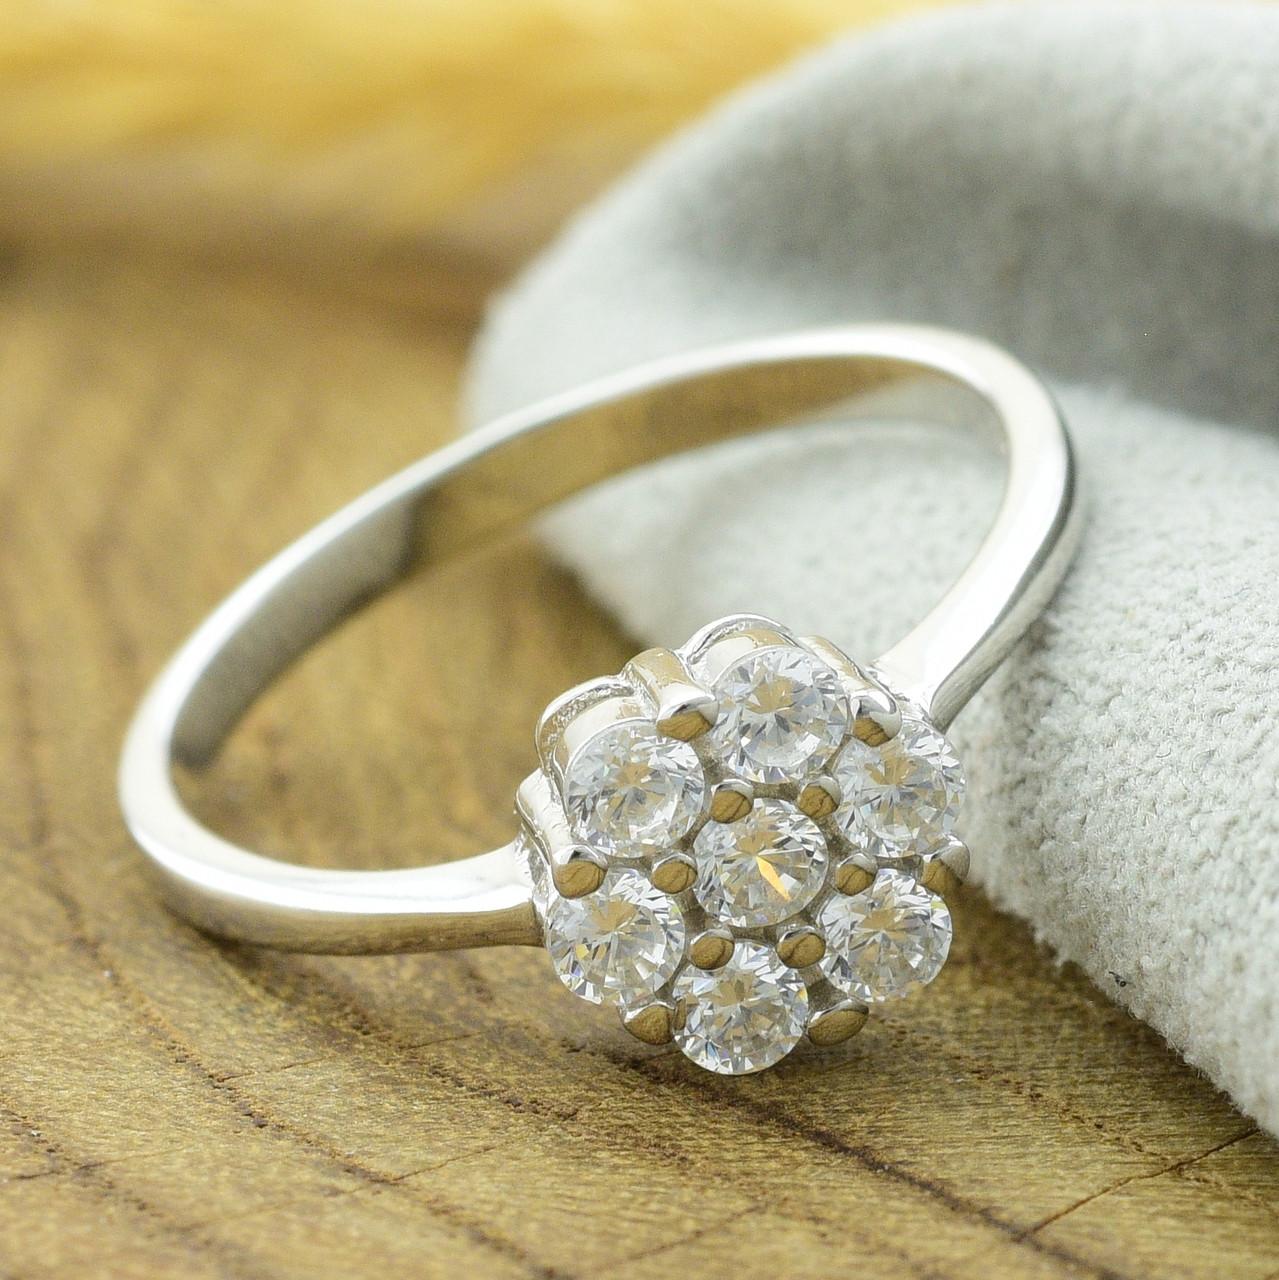 Серебряное кольцо размер 17 вставка белые фианиты вес 2.1 г